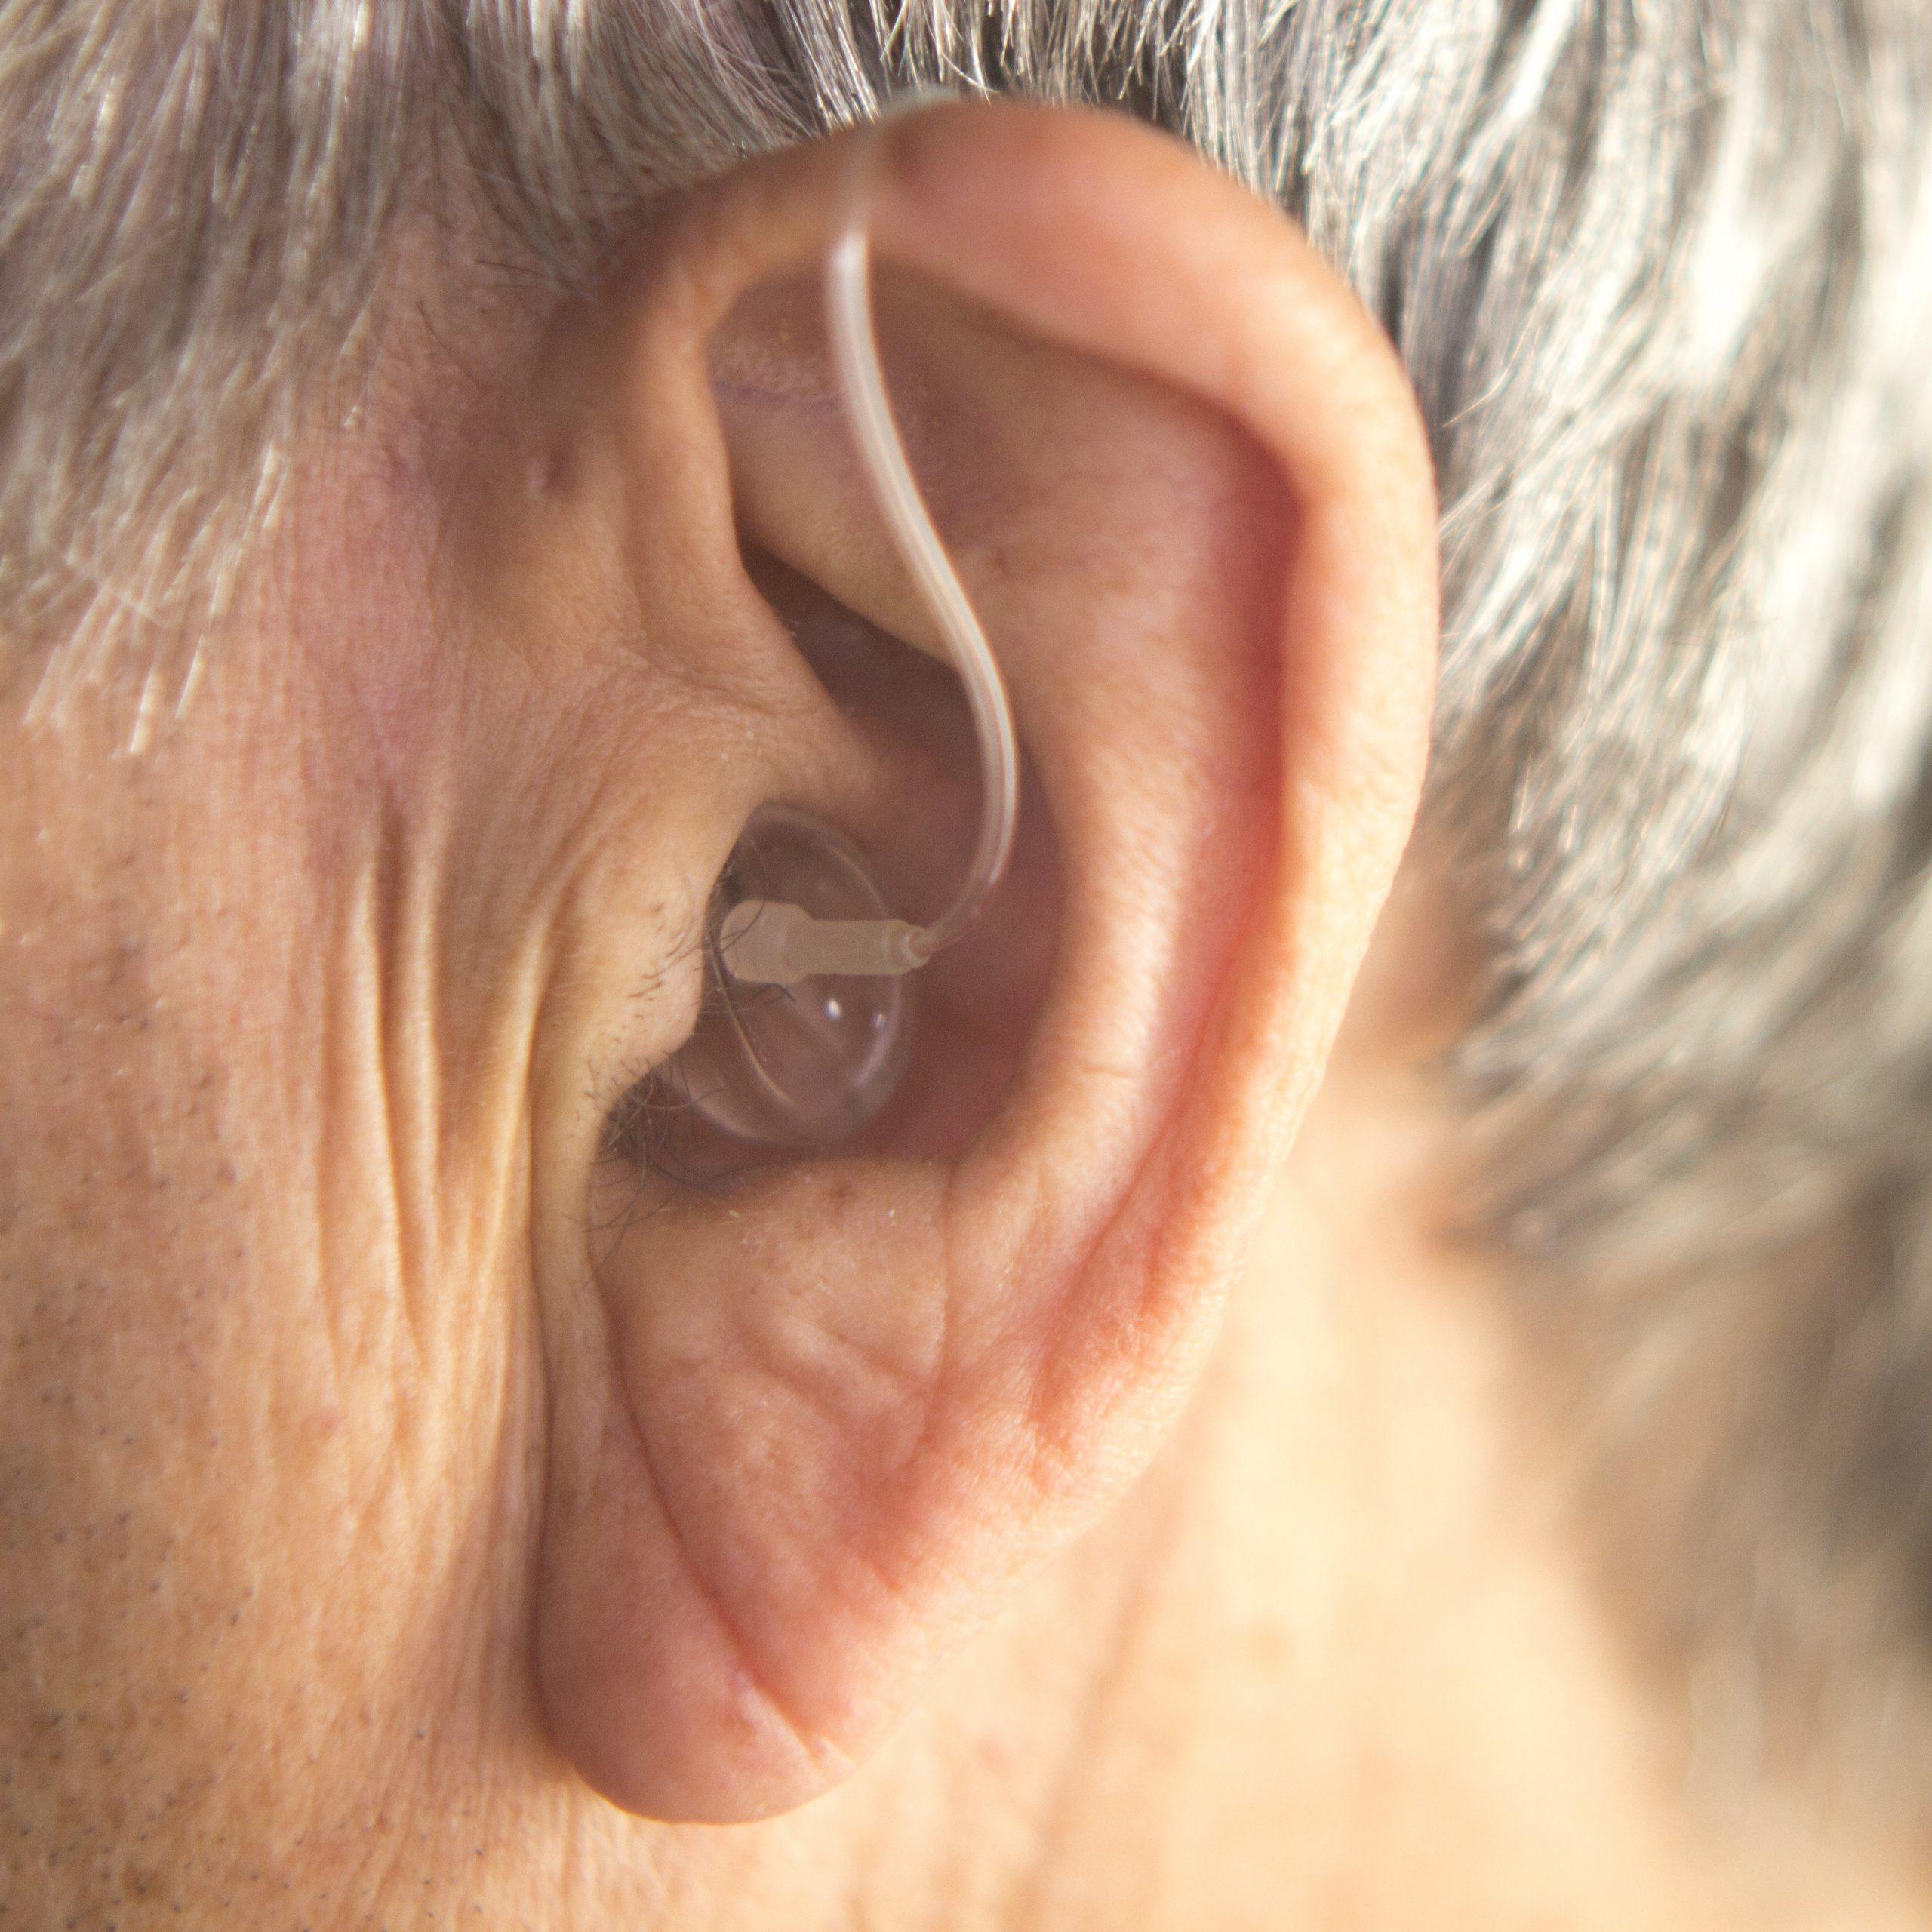 Eine diagonale Ohrläppchenfalte, auch Frank-Zeichen genannt, kann auf eine koronare Herzerkrankung hindeuten